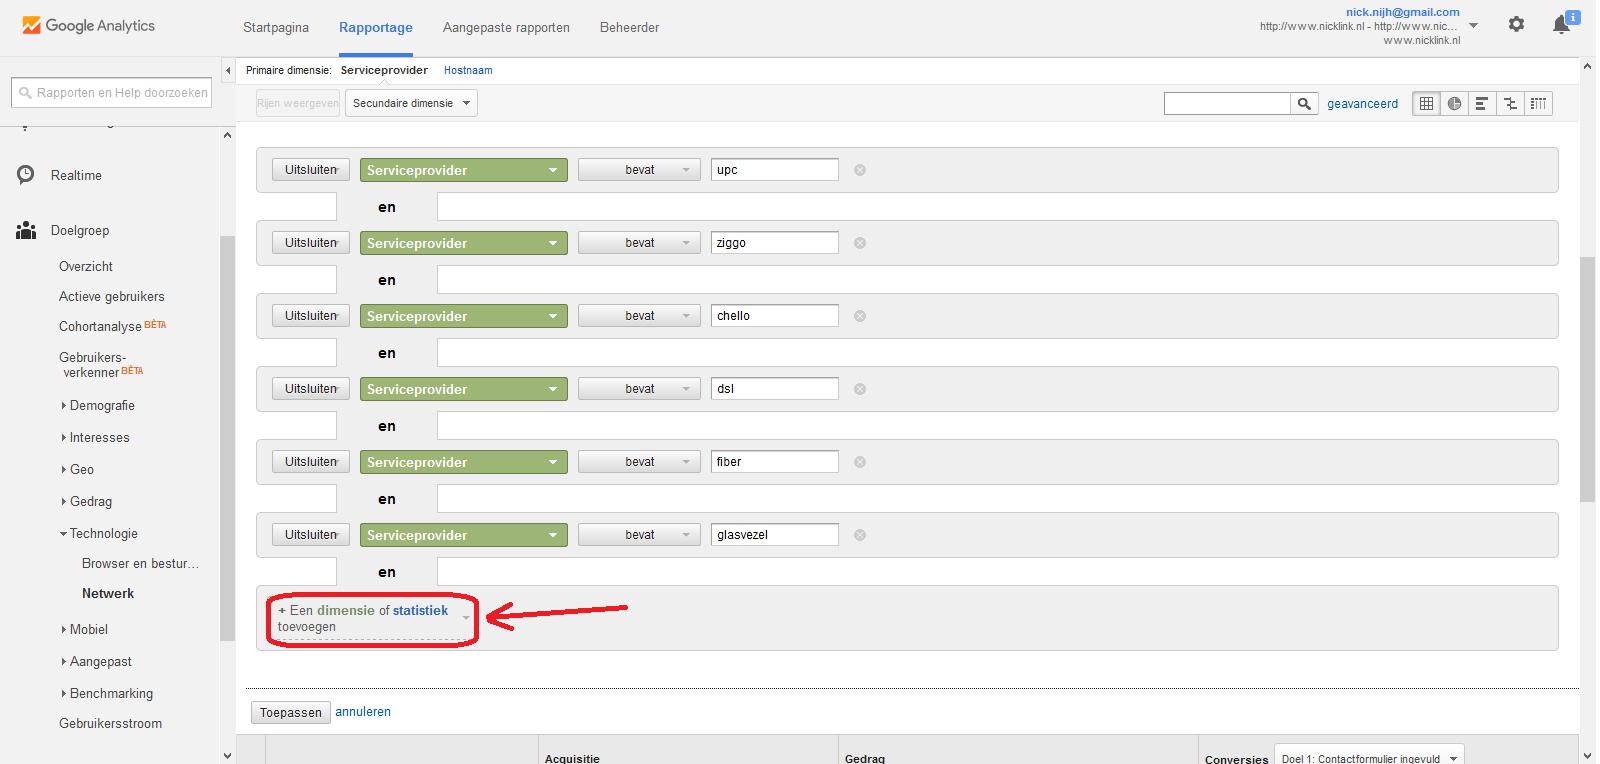 Google Analytics rapportage netwerk geavanceerd filter uitbreiding omcirkeld